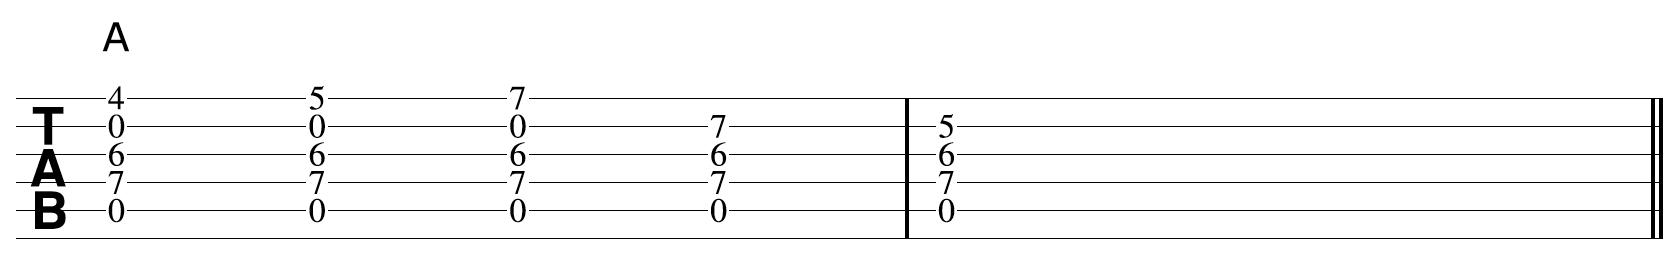 Guitar Chord Shape 2 Diatonic